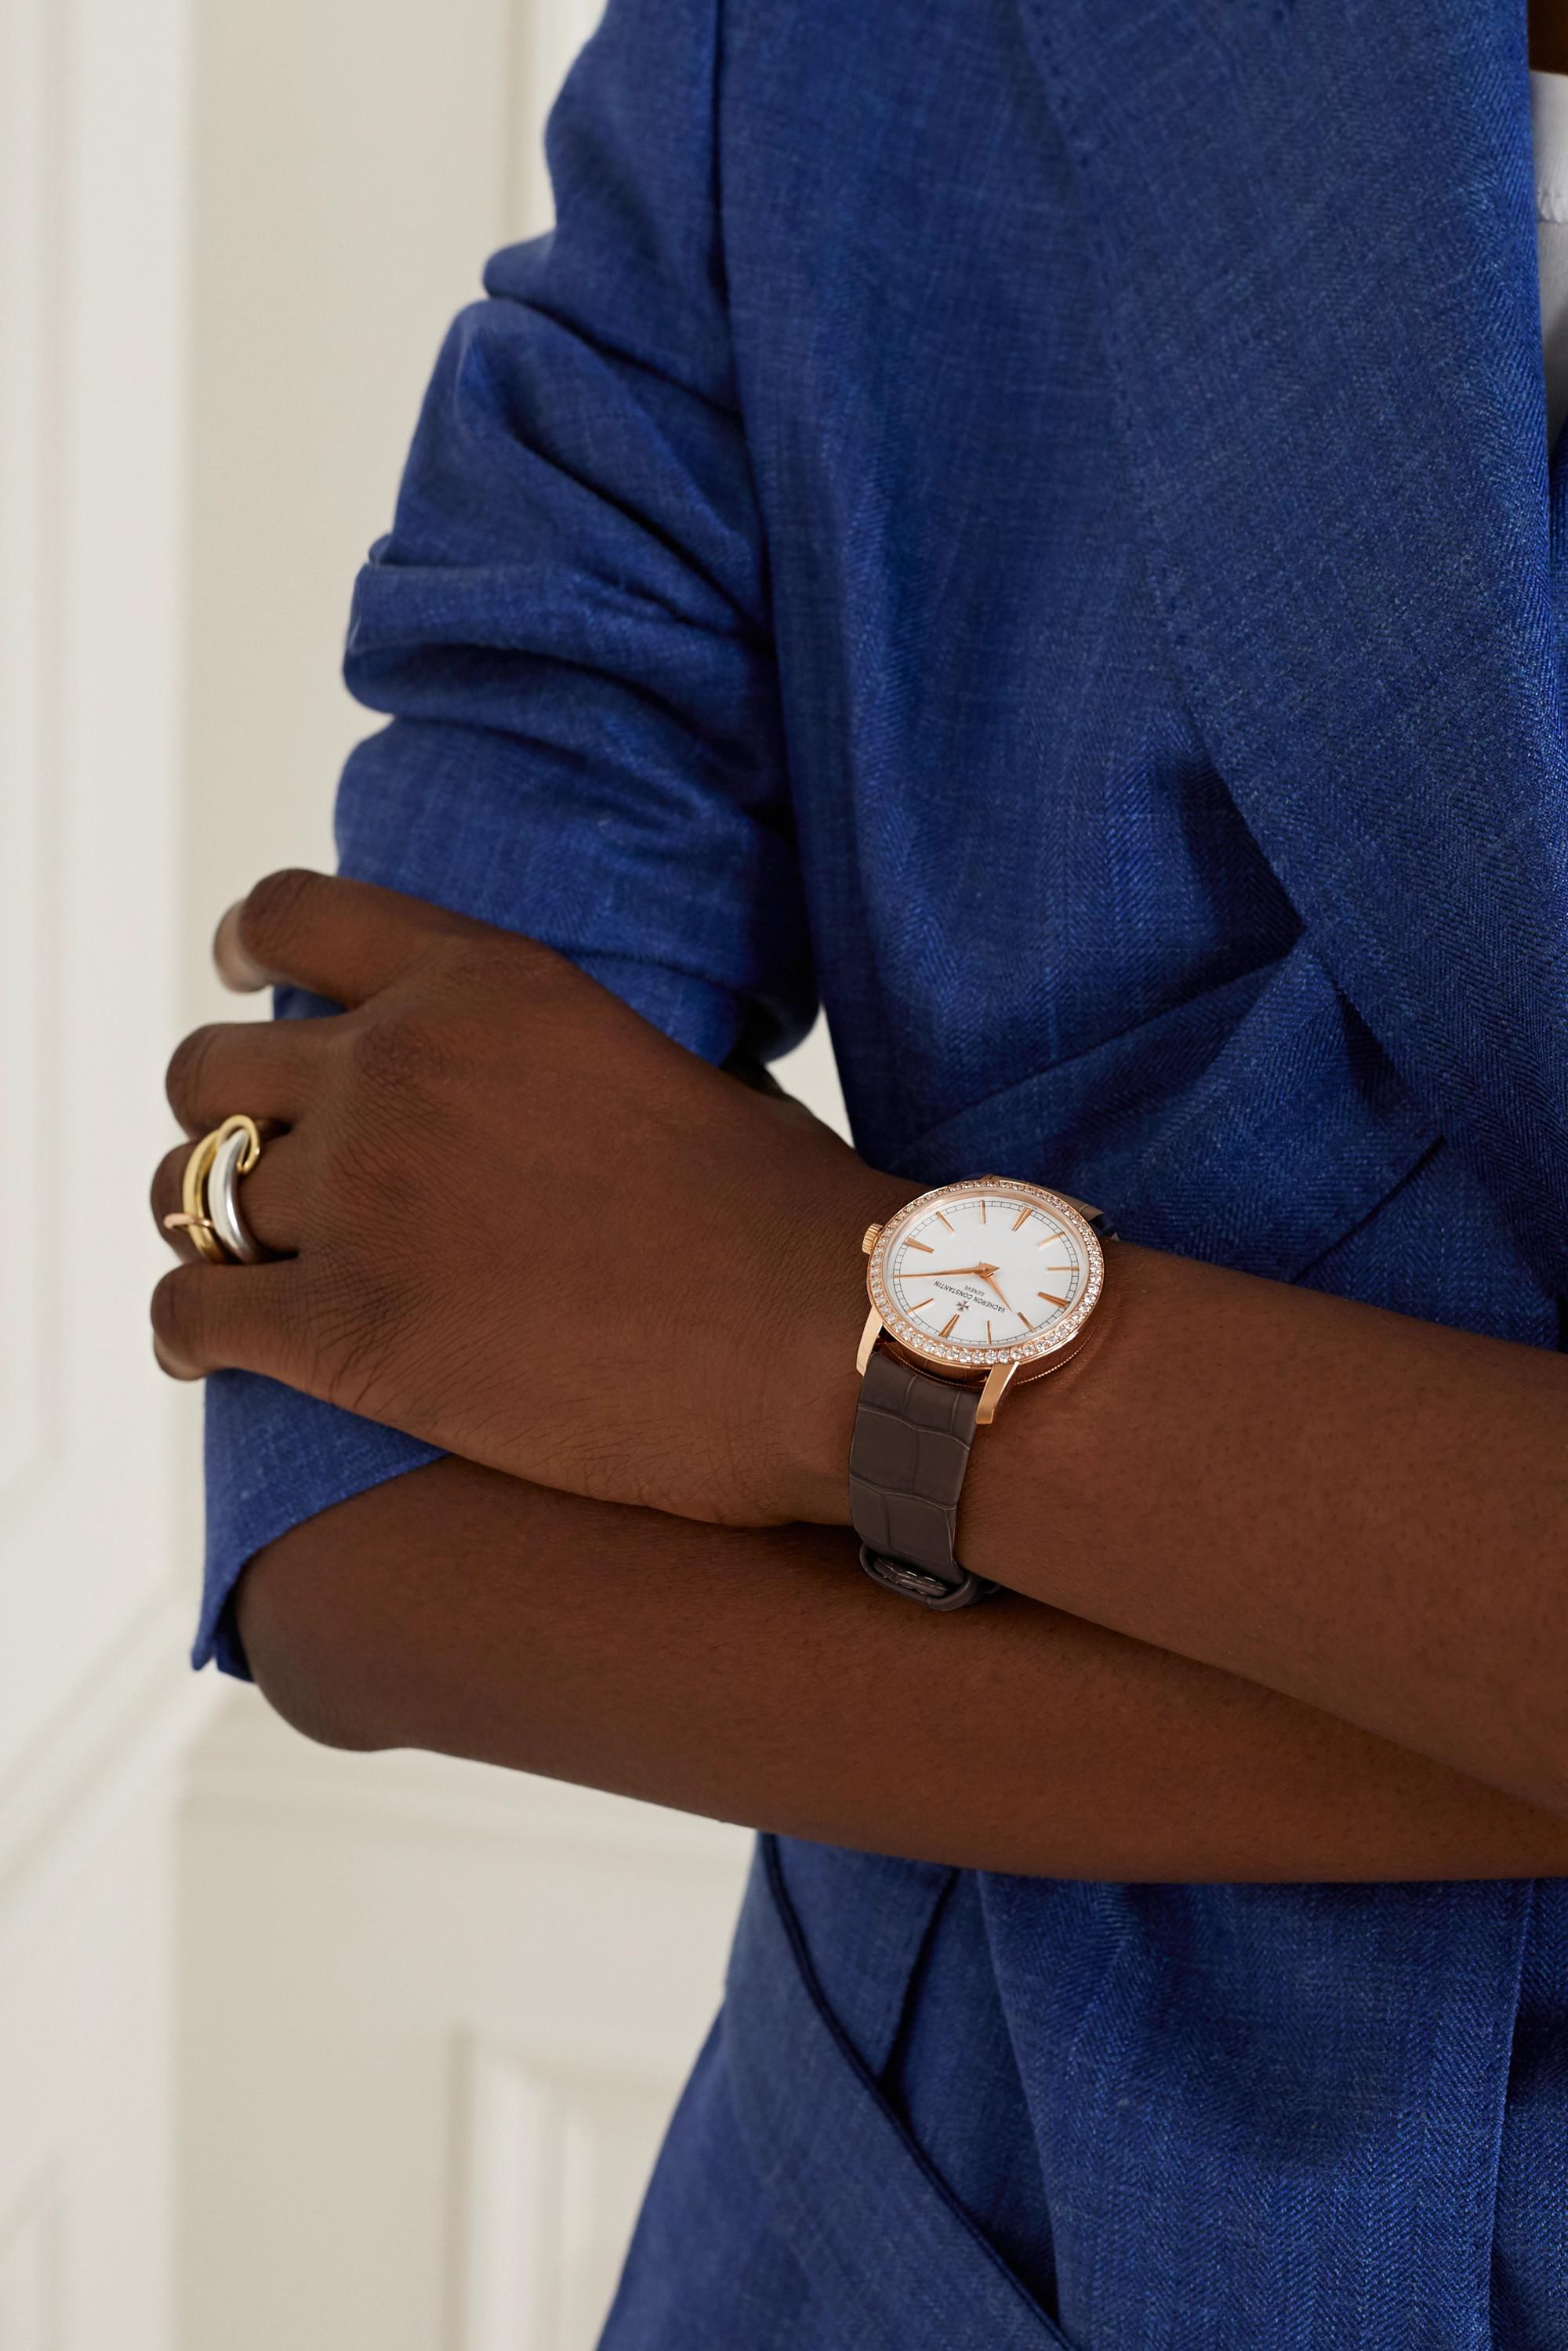 Vacheron Constantin Traditionnelle Hand-Wound 33mm 18-karat pink gold, alligator and diamond watch